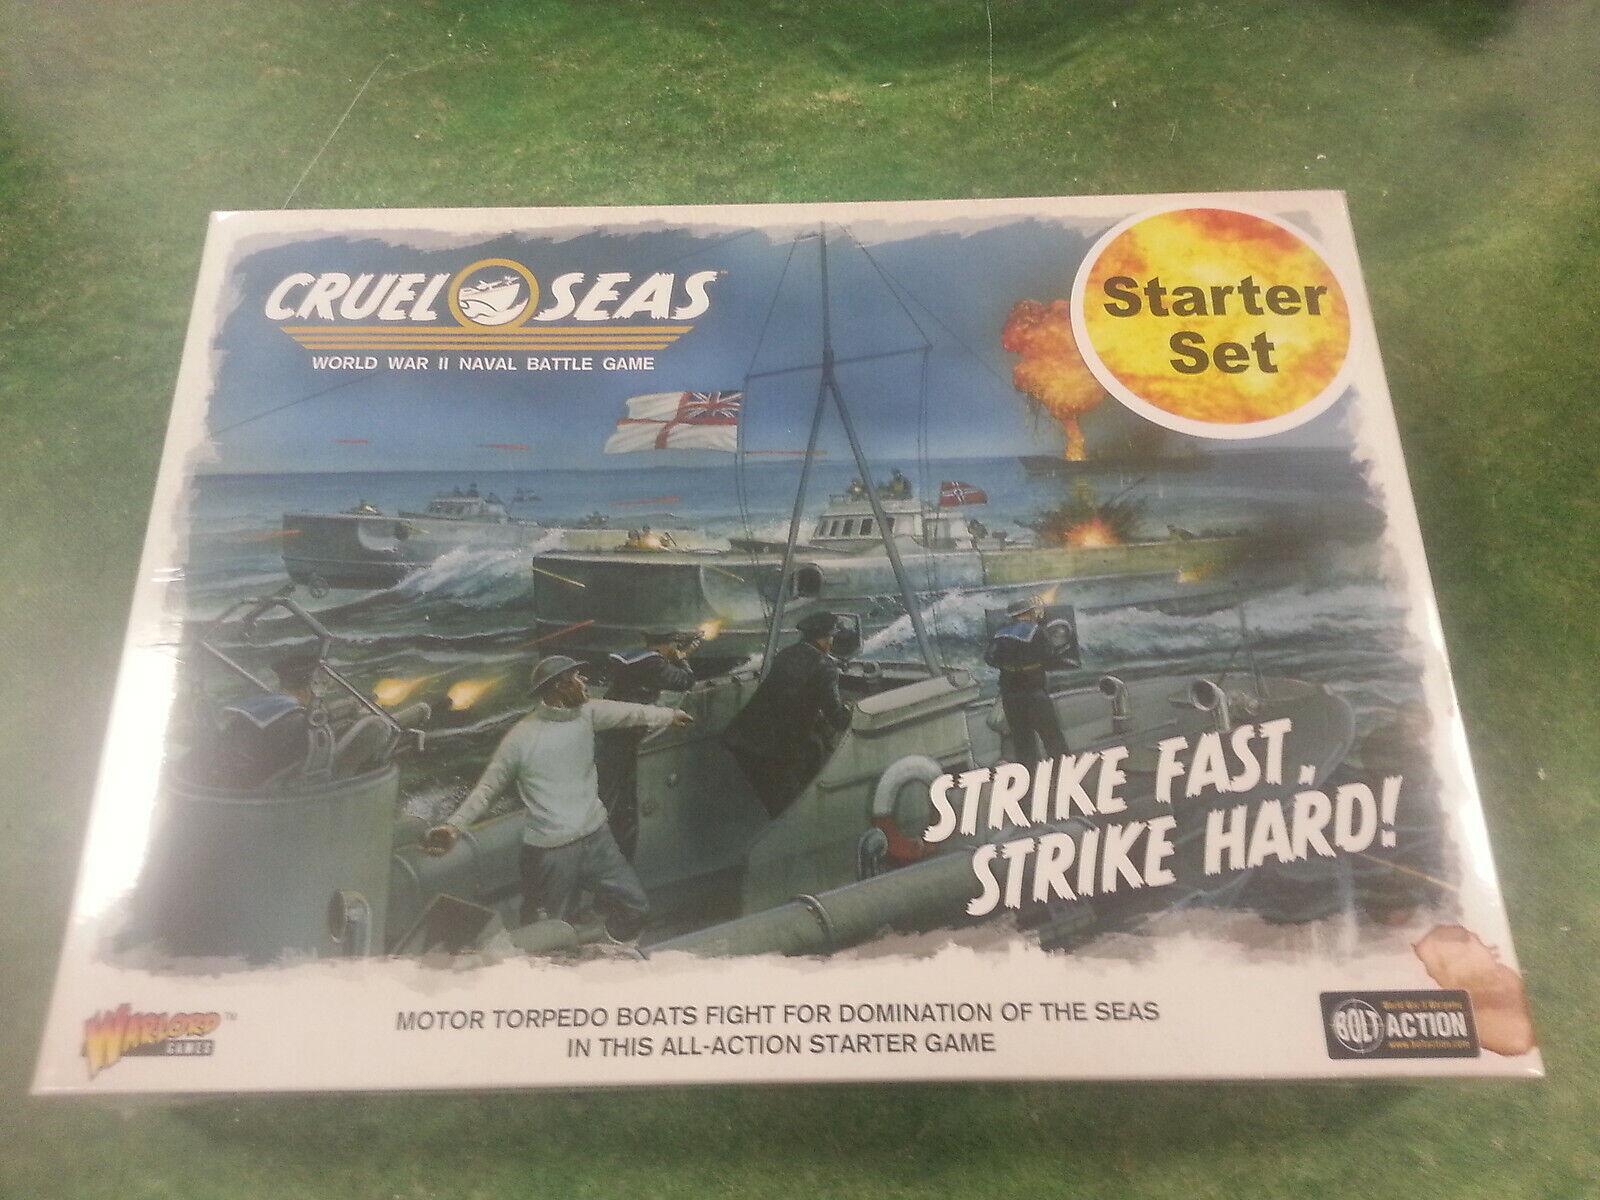 mejor reputación Mares cruel II Guerra Mundial Mundial Mundial Juego De Batalla Naval Estrellater Set-Nuevo  alta calidad